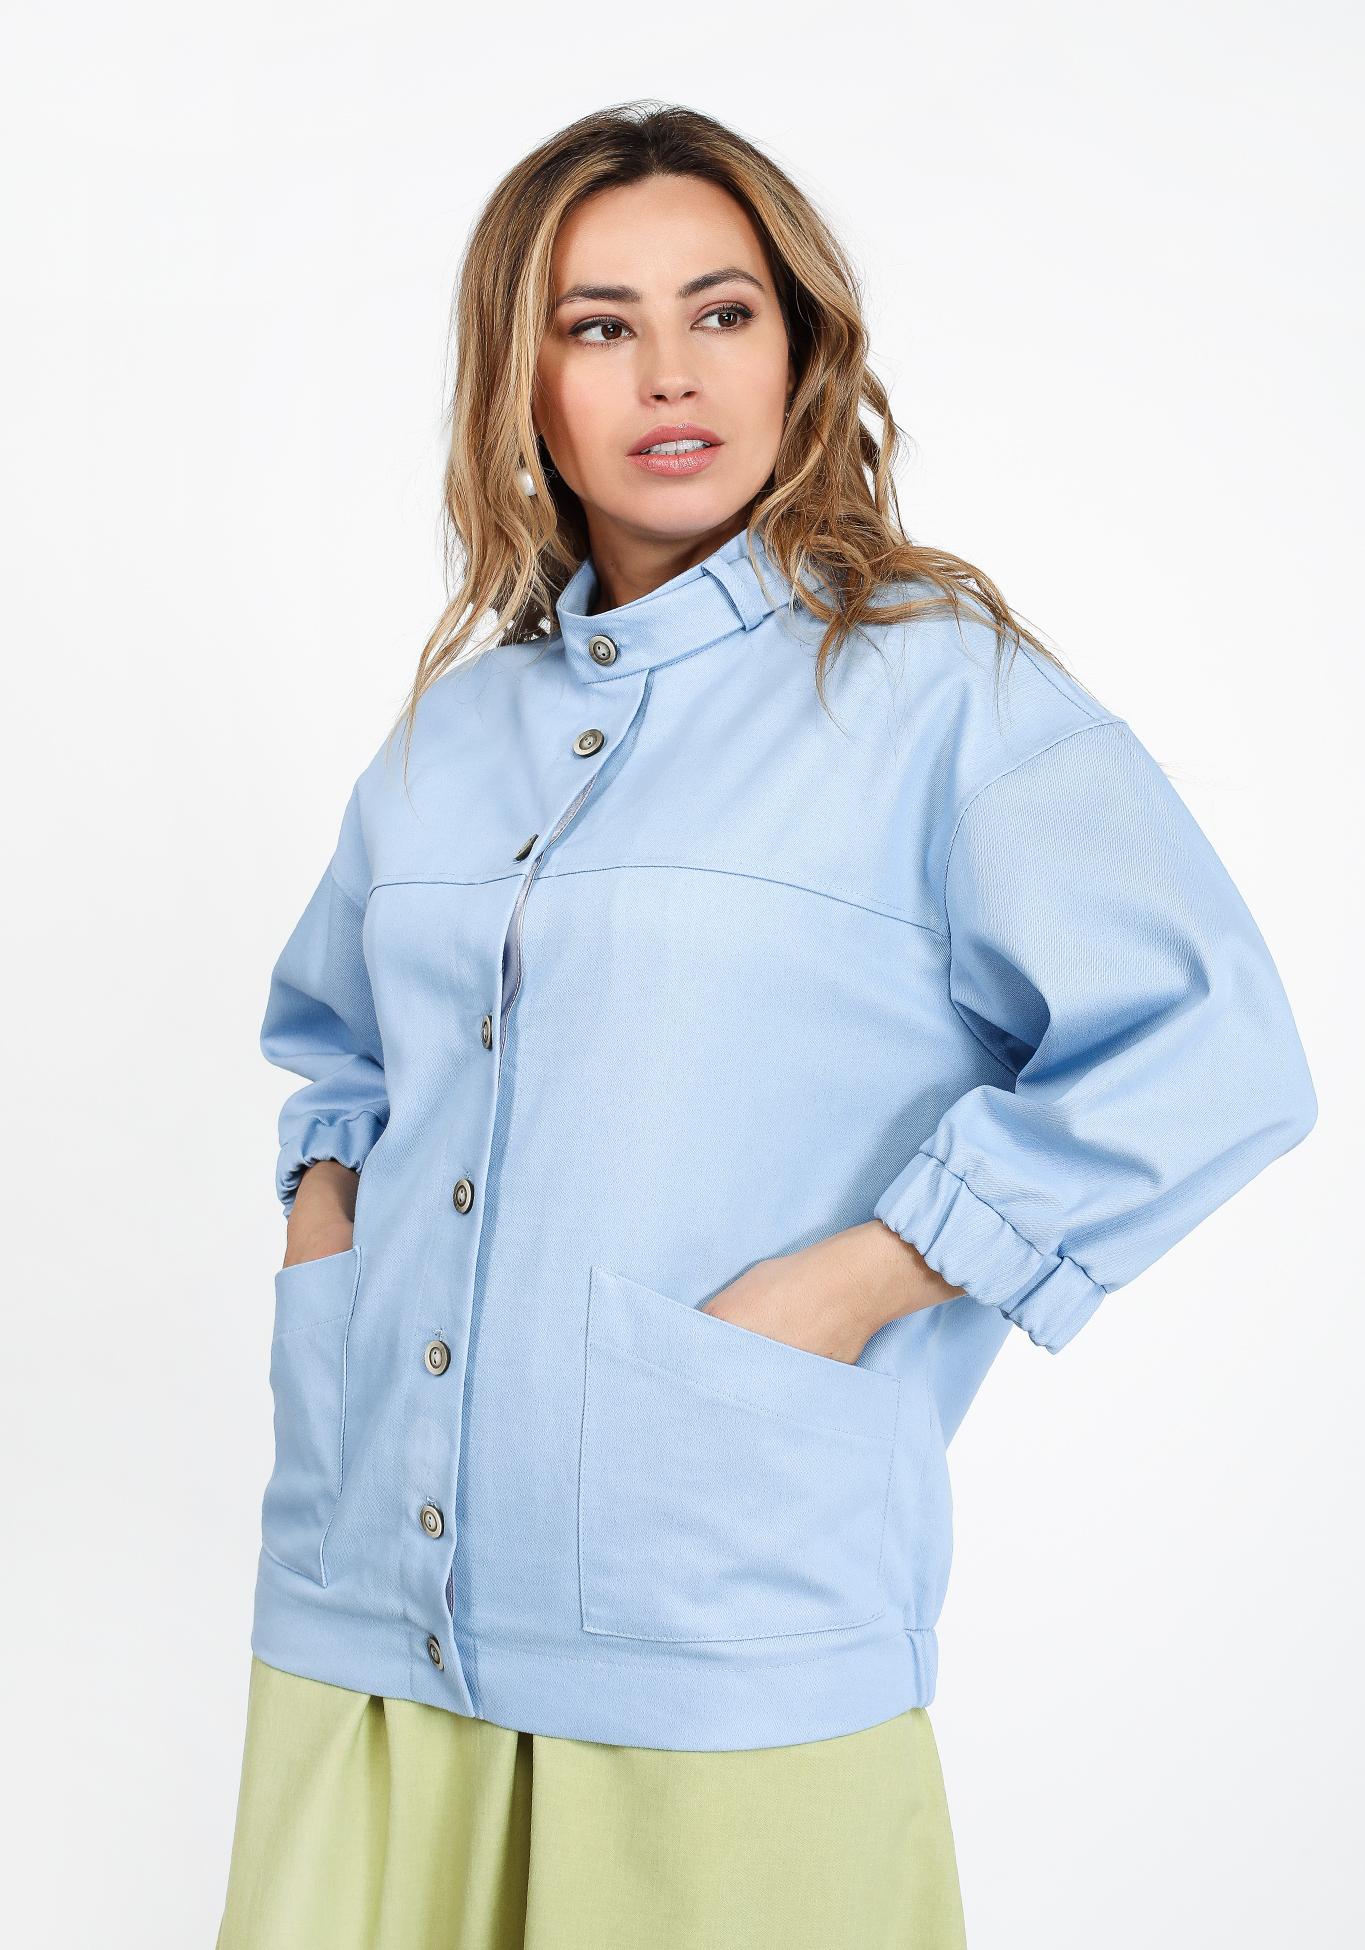 Жакет из джинсовой ткани на пуговицах